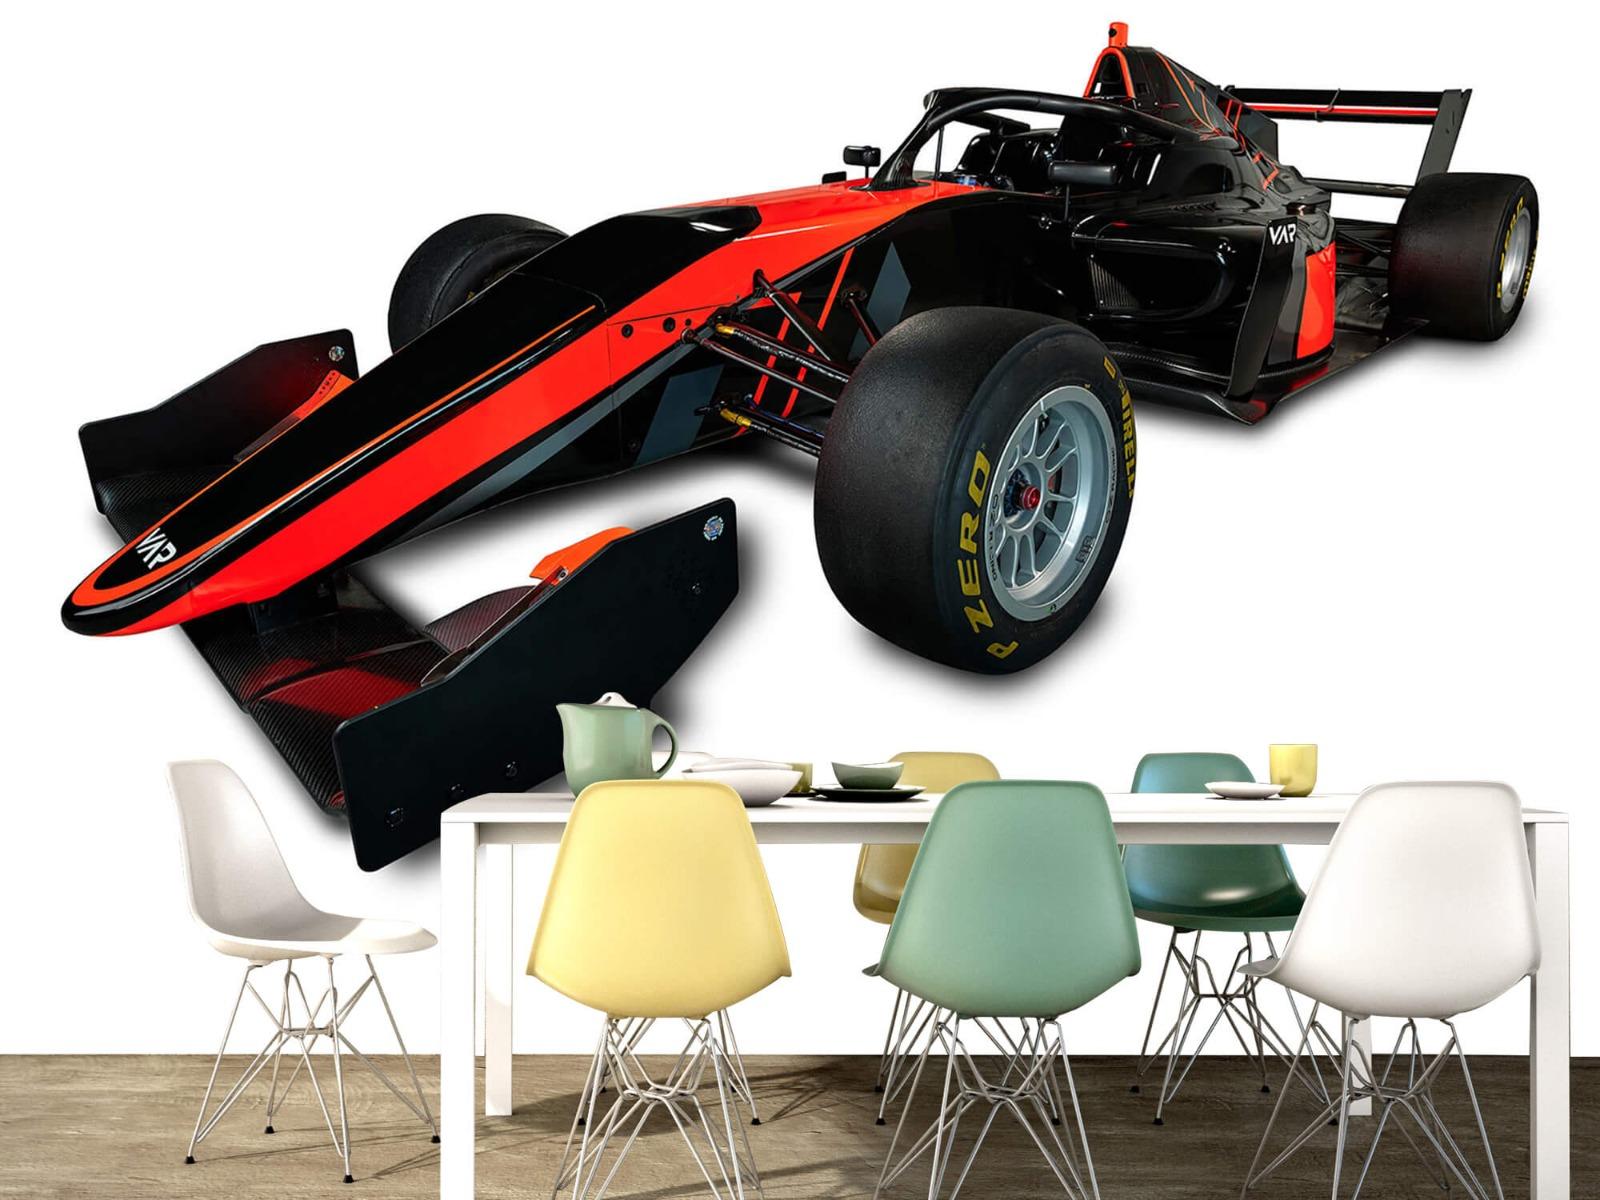 Sportauto's - Formule 3 - Left front view - Tienerkamer 15